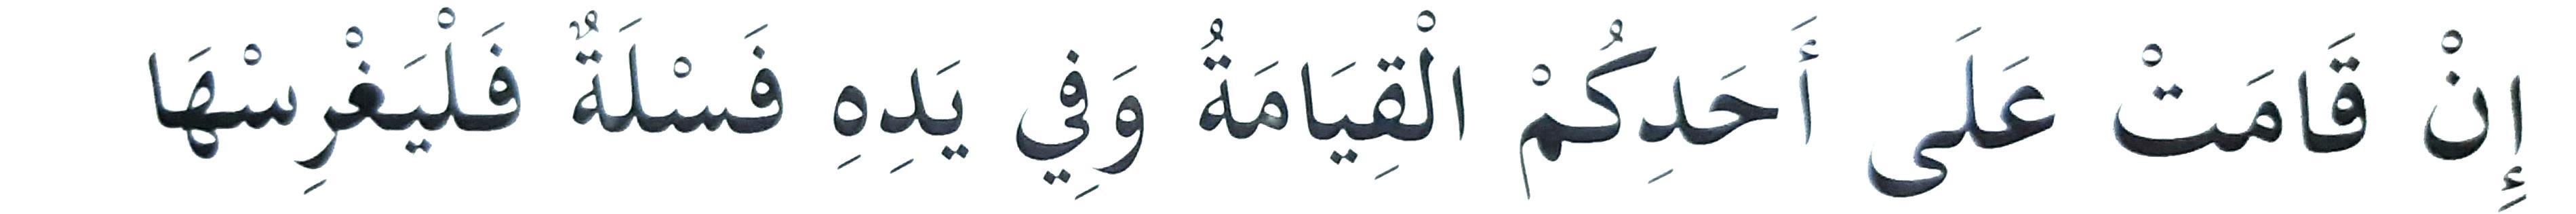 hadith tree